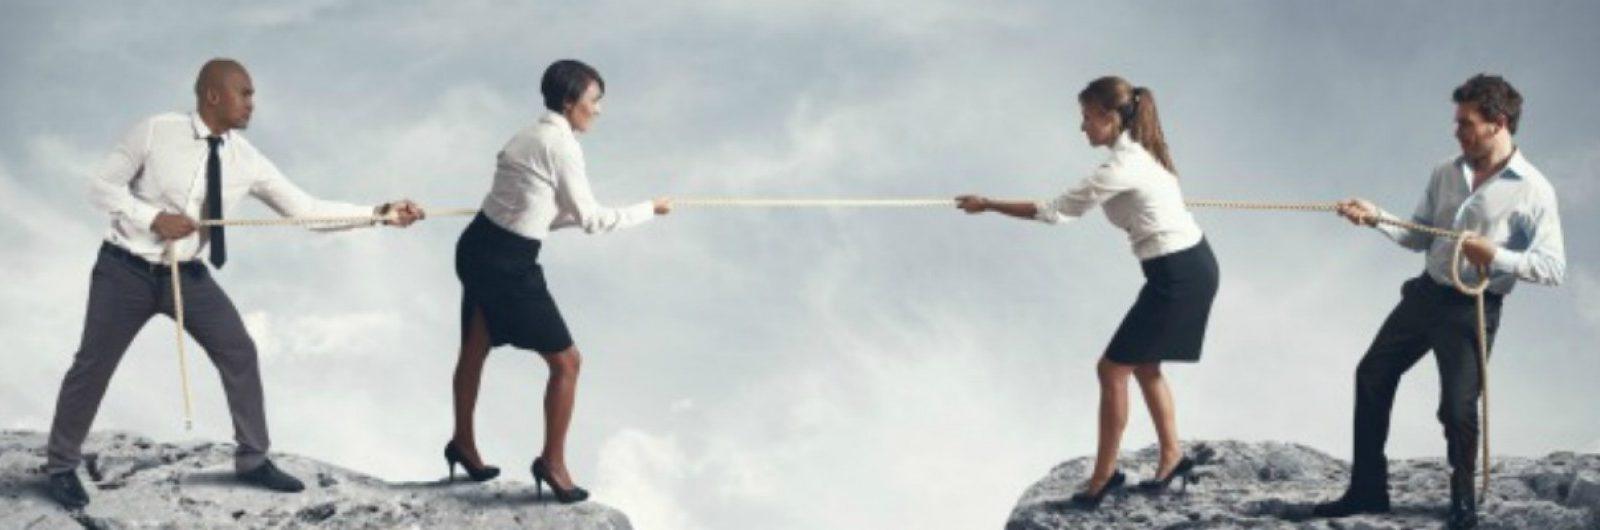 Sabe como fazer a gestão de conflitos? A IFE está a promover uma formação